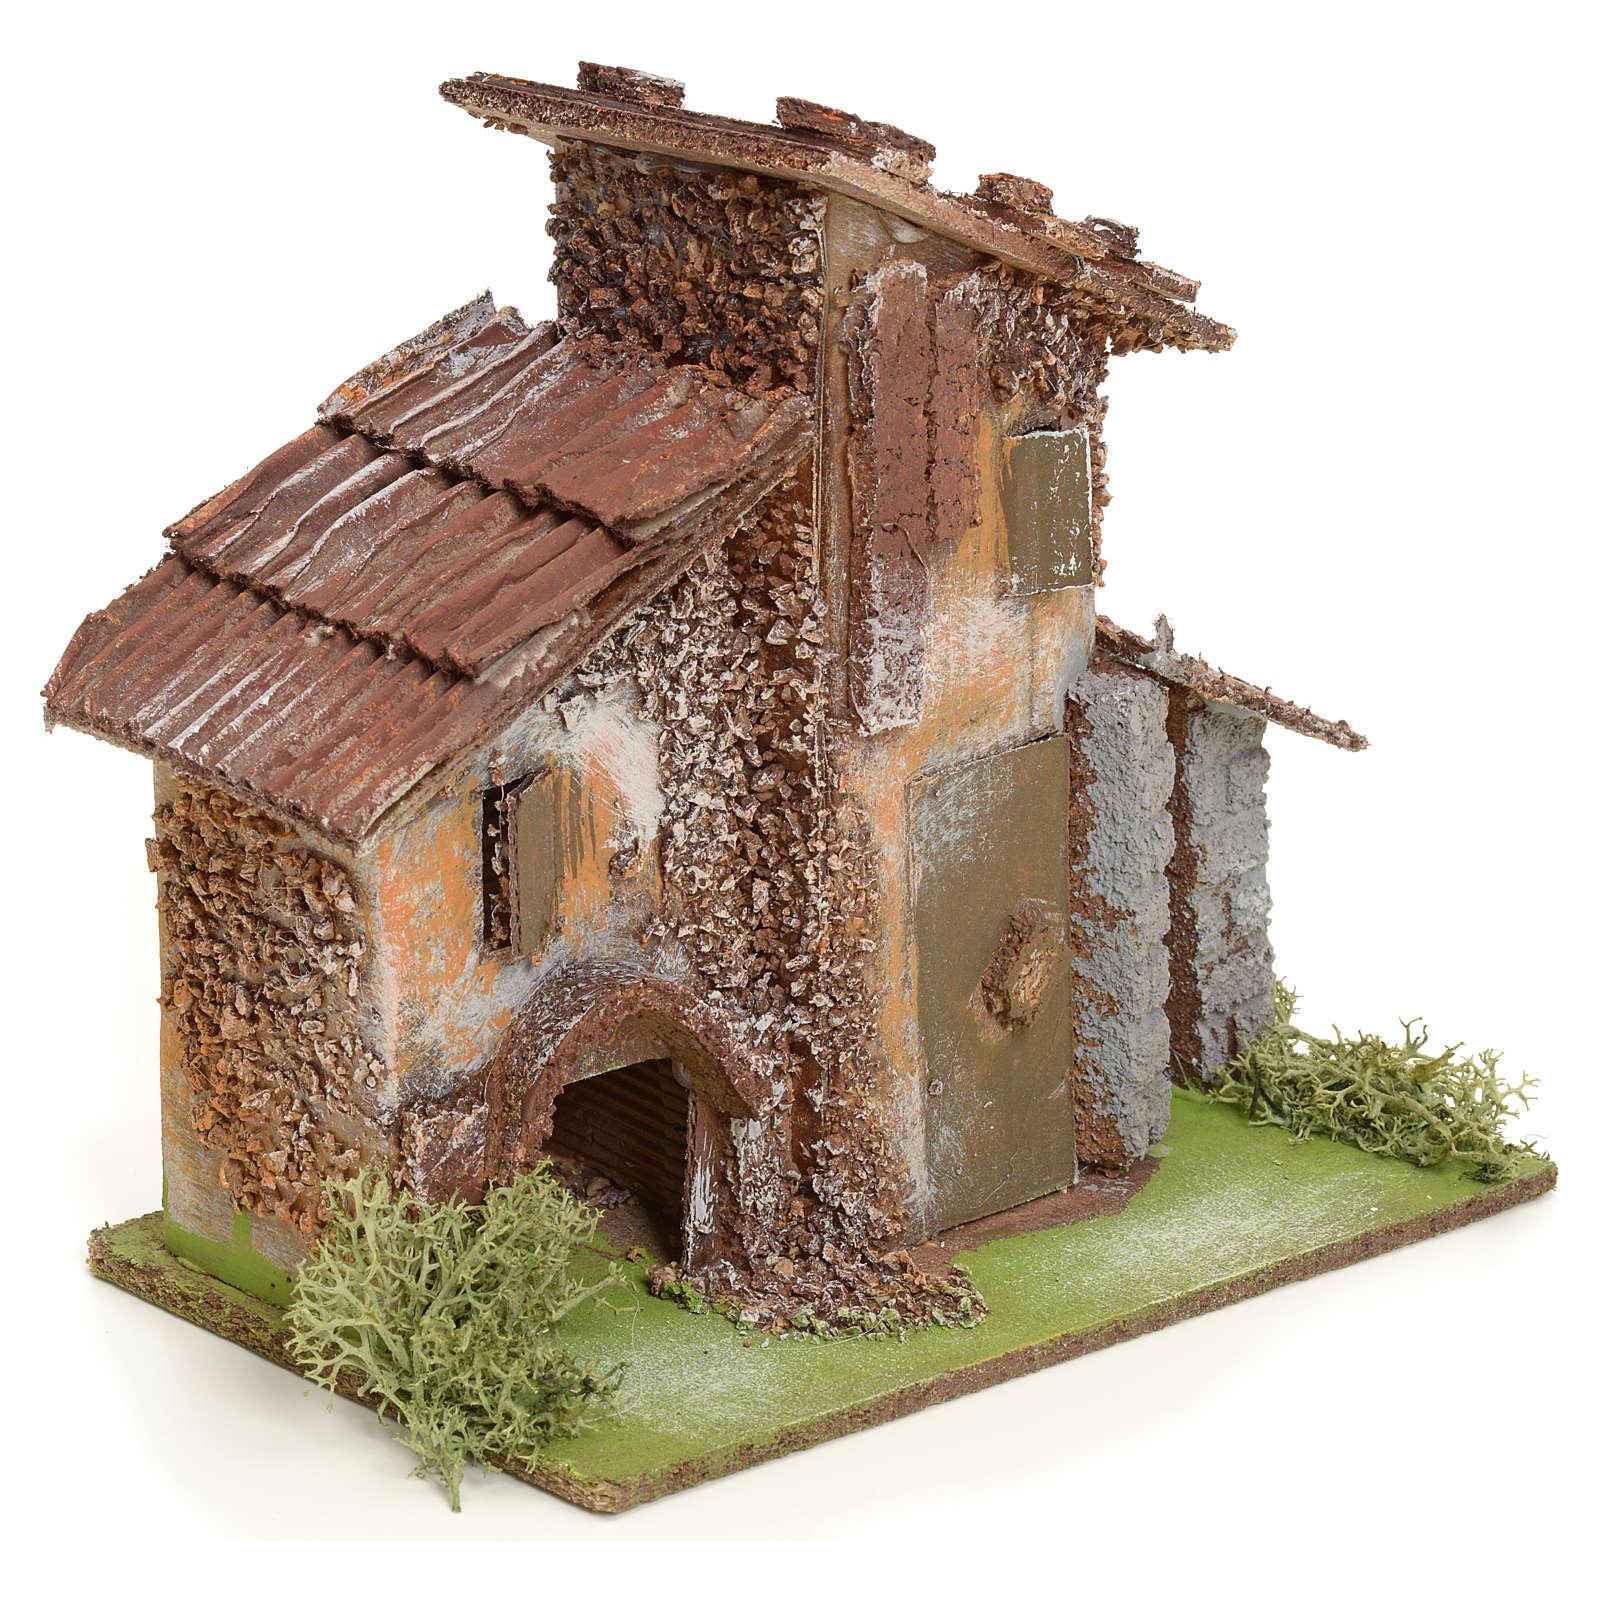 Casetta rustica in legno per presepe | vendita online su